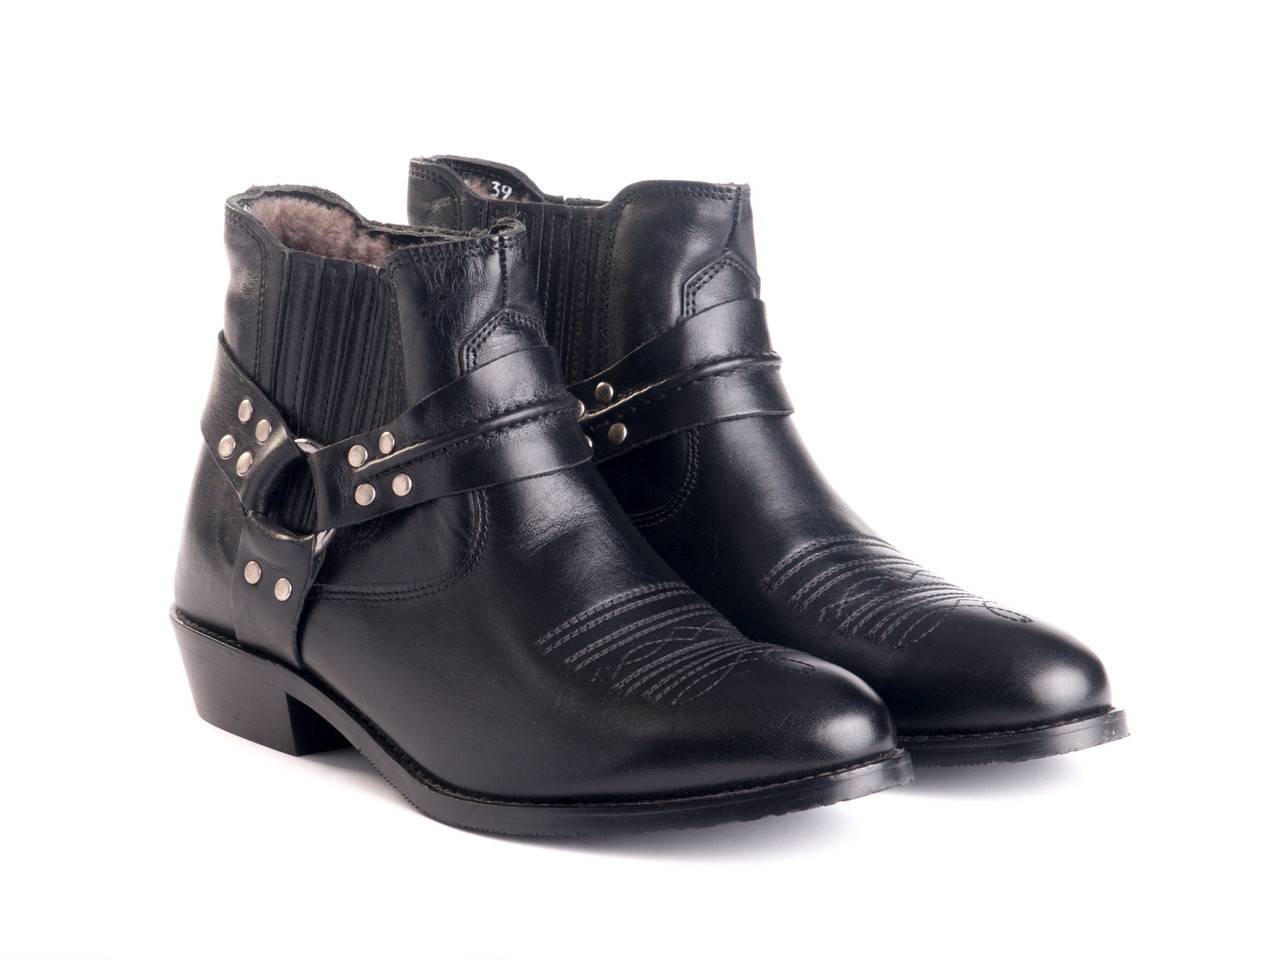 Ботинки Etor 10203-08-313 40 черный